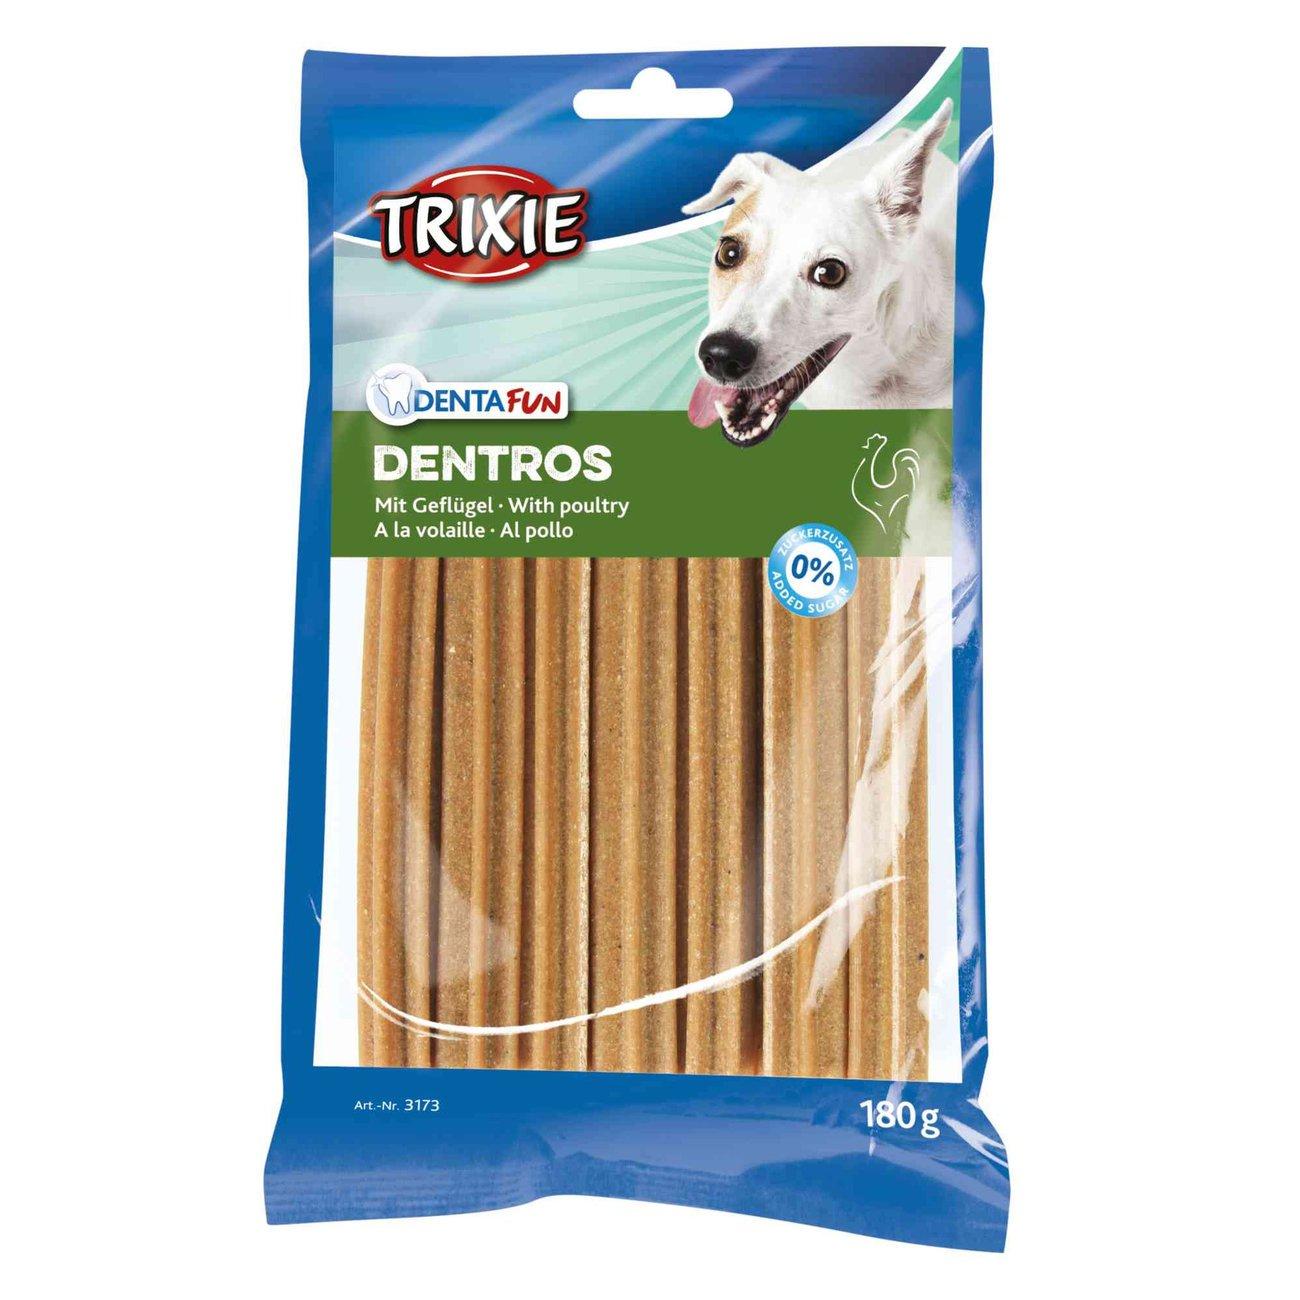 Denta Fun Dentros Zahnpflege Hunde Kaustangen Bild 1